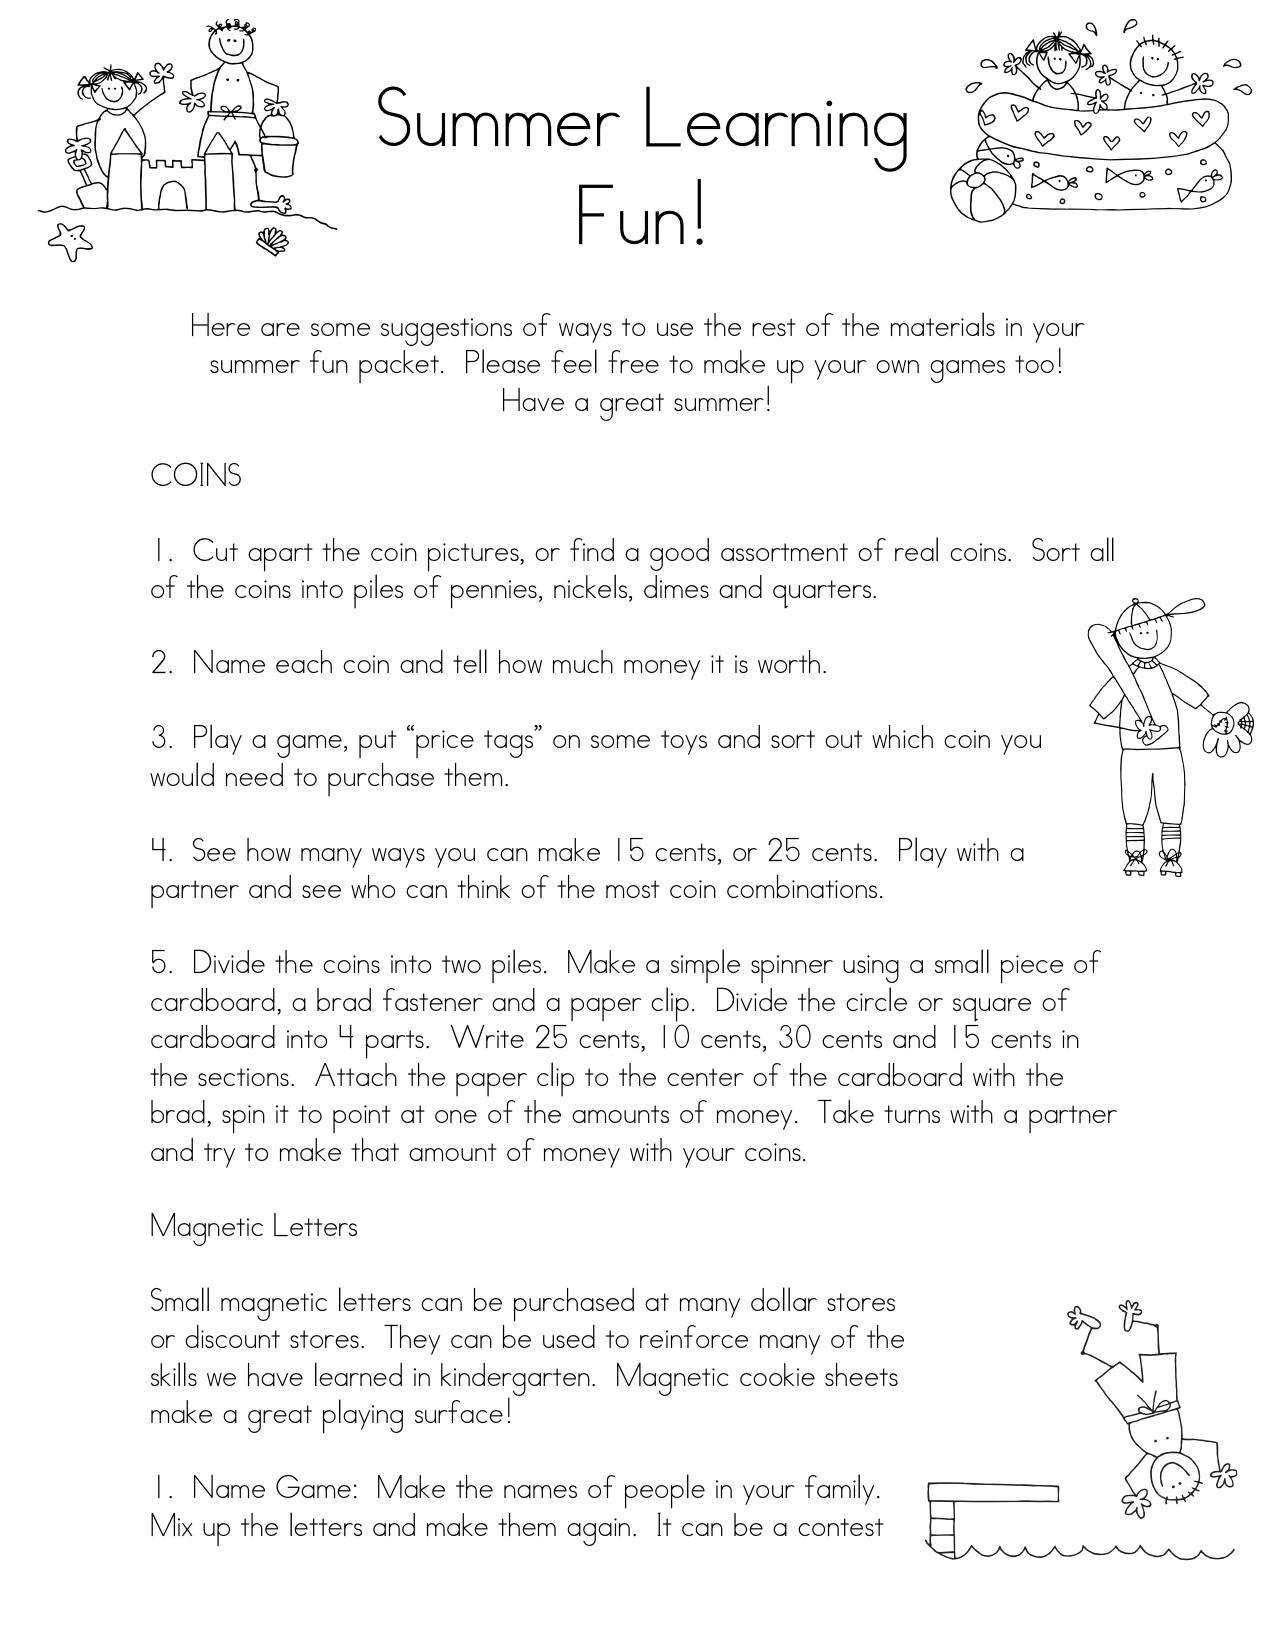 Kindergarten Parent Packet Images